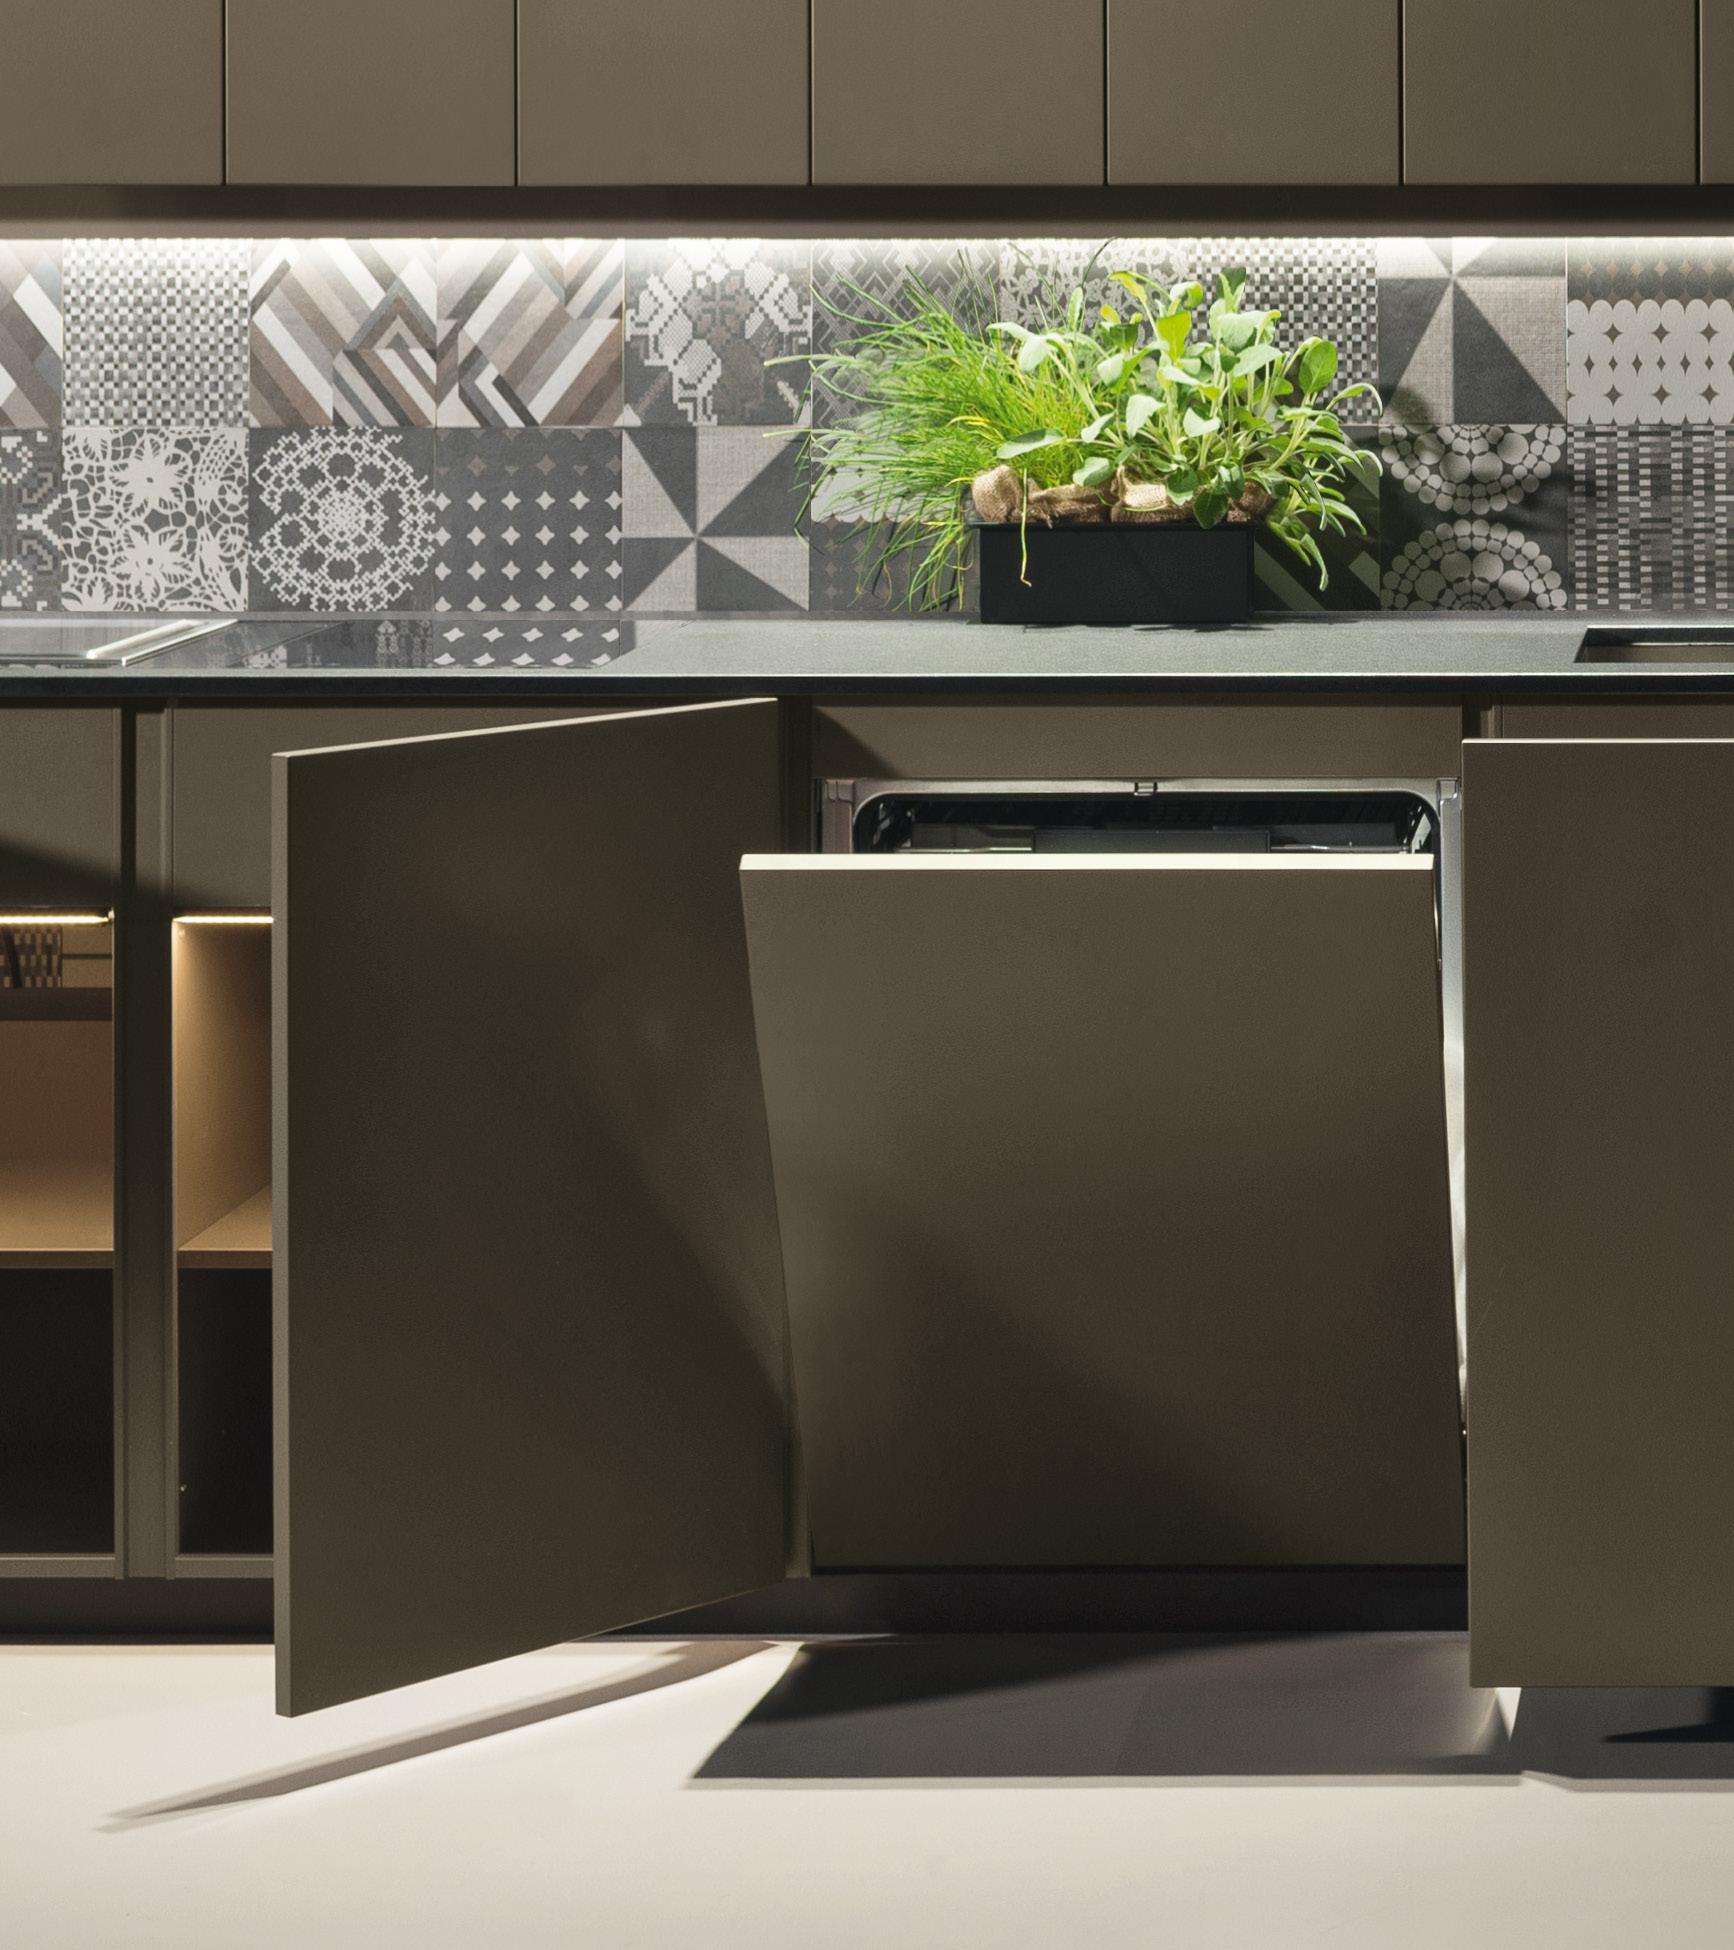 Groß 2020 Küchendesign Ideen - Küche Set Ideen - deriherusweets.info